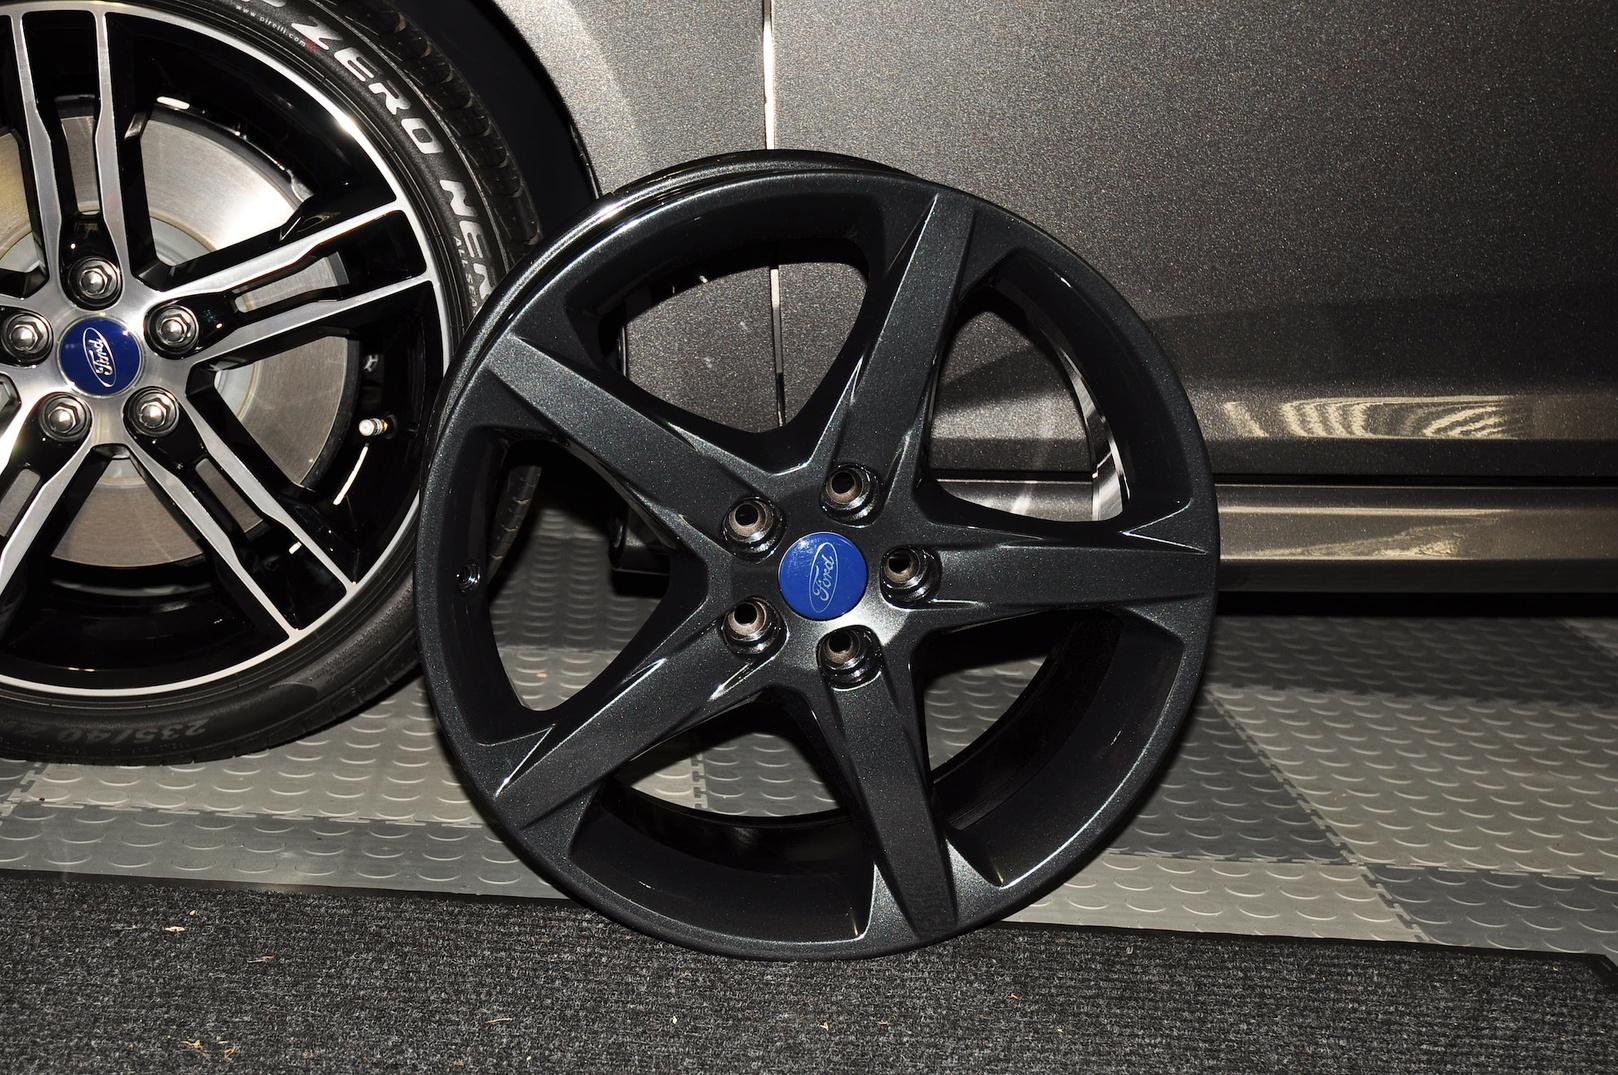 Focus 18 inch wheels for ST-dsc_0539.jpg